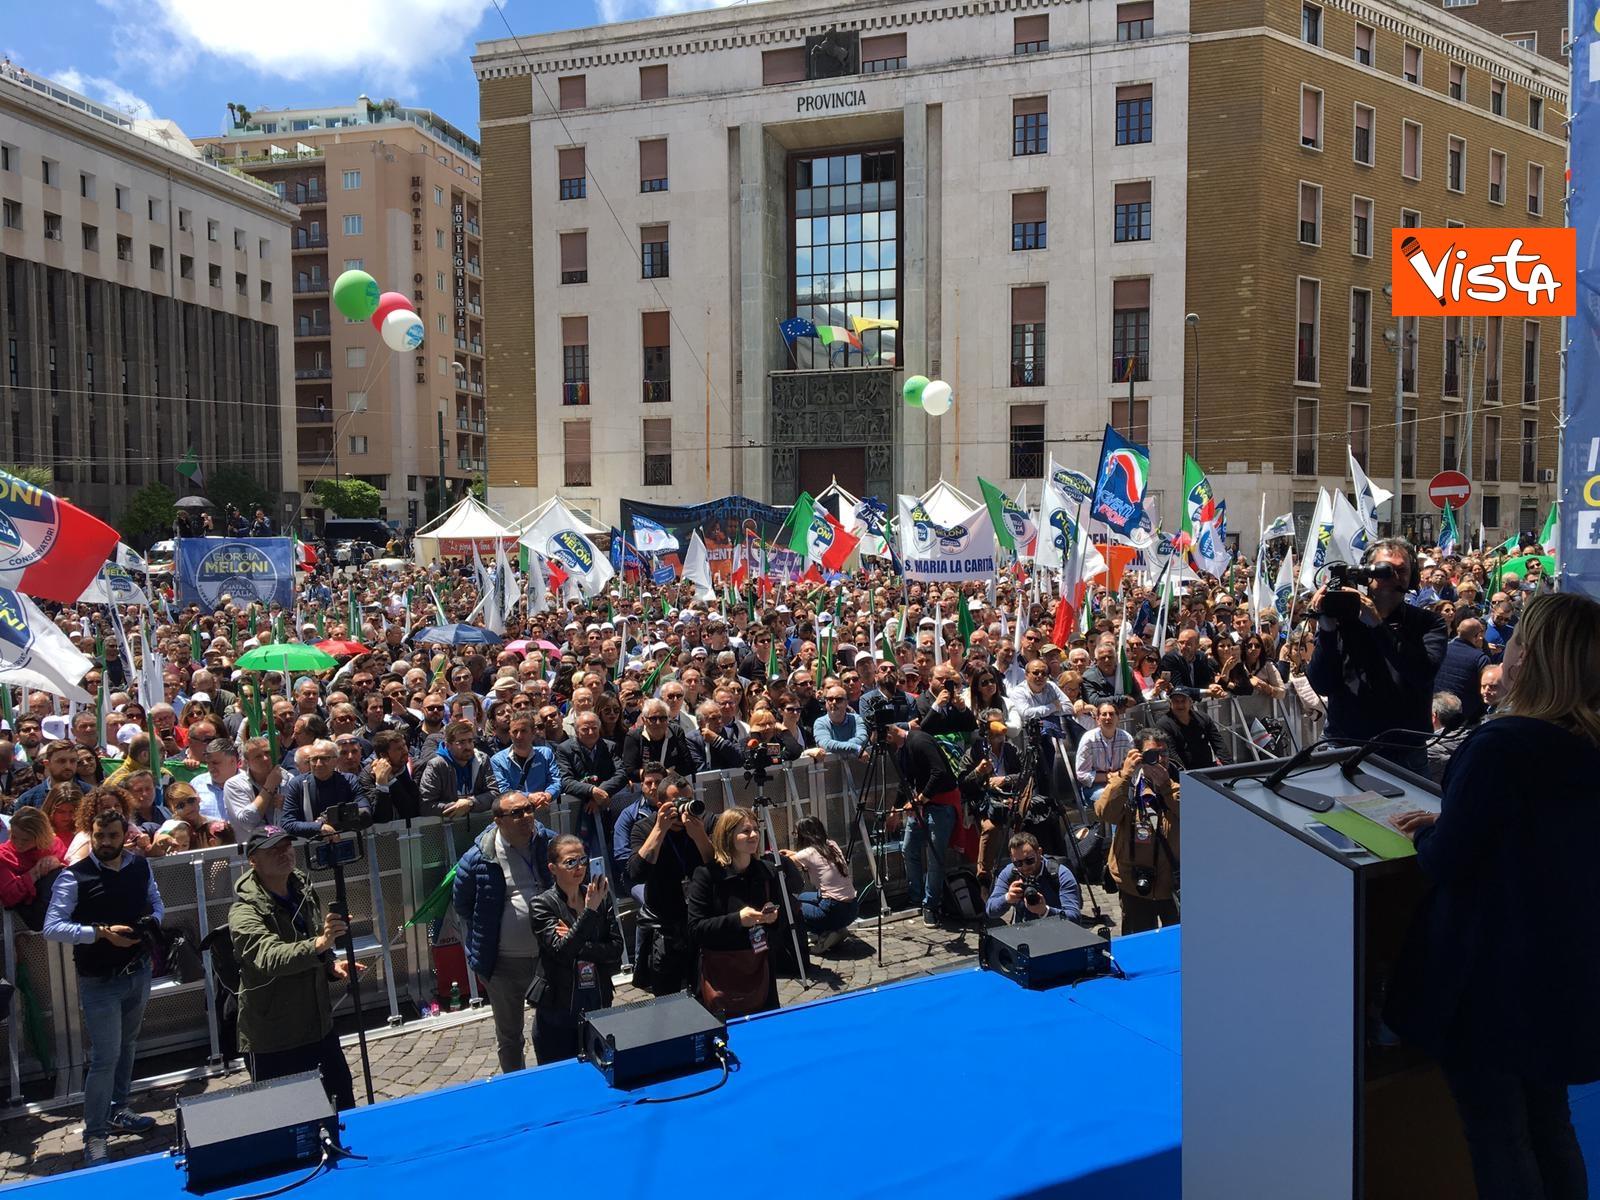 19-05-19 Europee Meloni a Napoli piazza gremita di gente per il comizio della leader di FdI_04